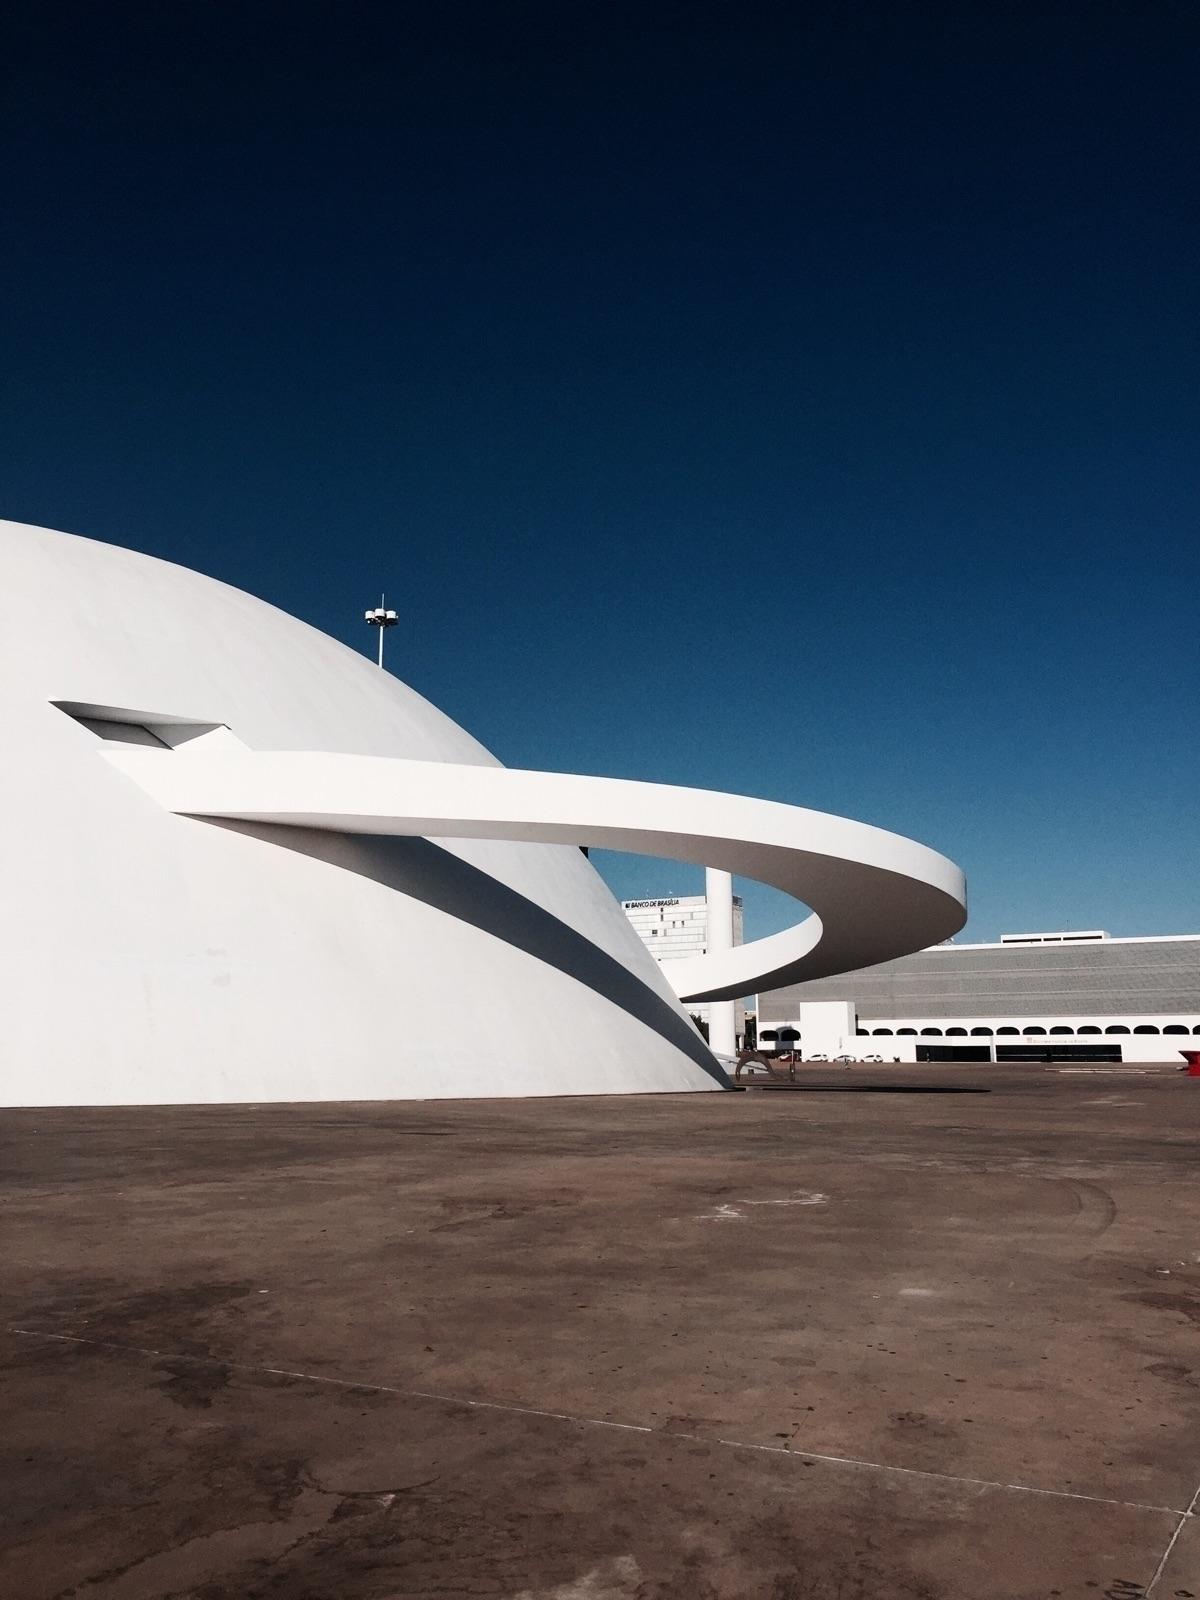 Museu da República, 2017 - Architecture - larists   ello